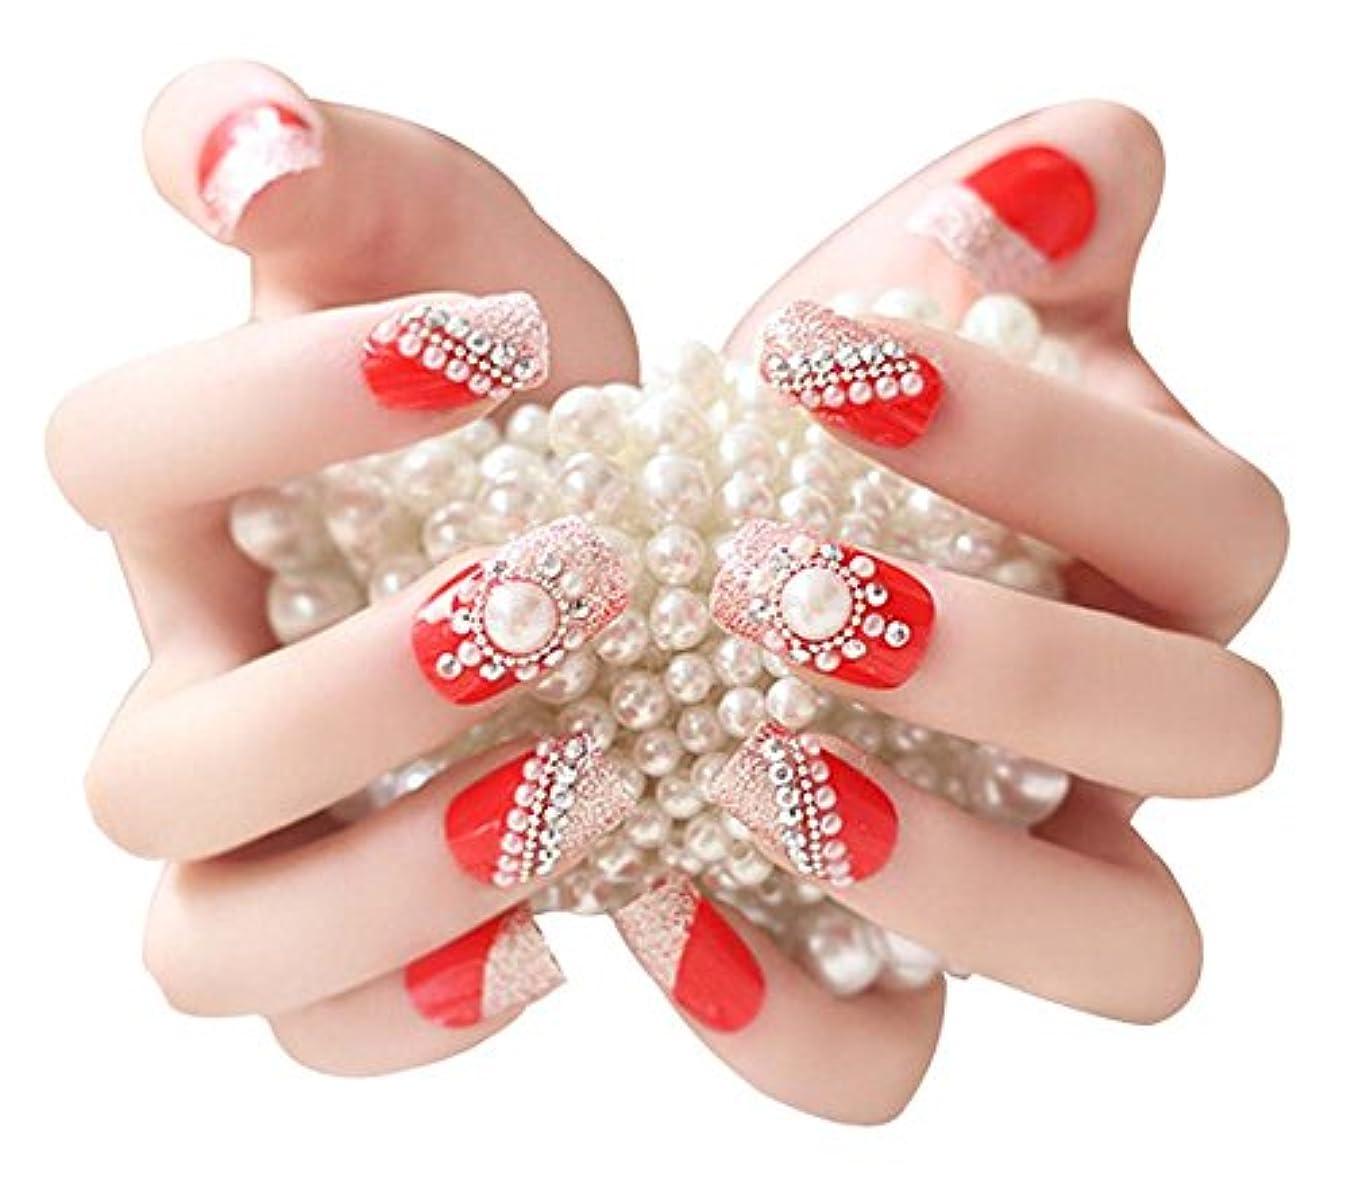 あたたかい燃料更新人工真珠ラインストーンつけ爪結婚式のメイクアップネイルアート、赤、2パック - 48枚